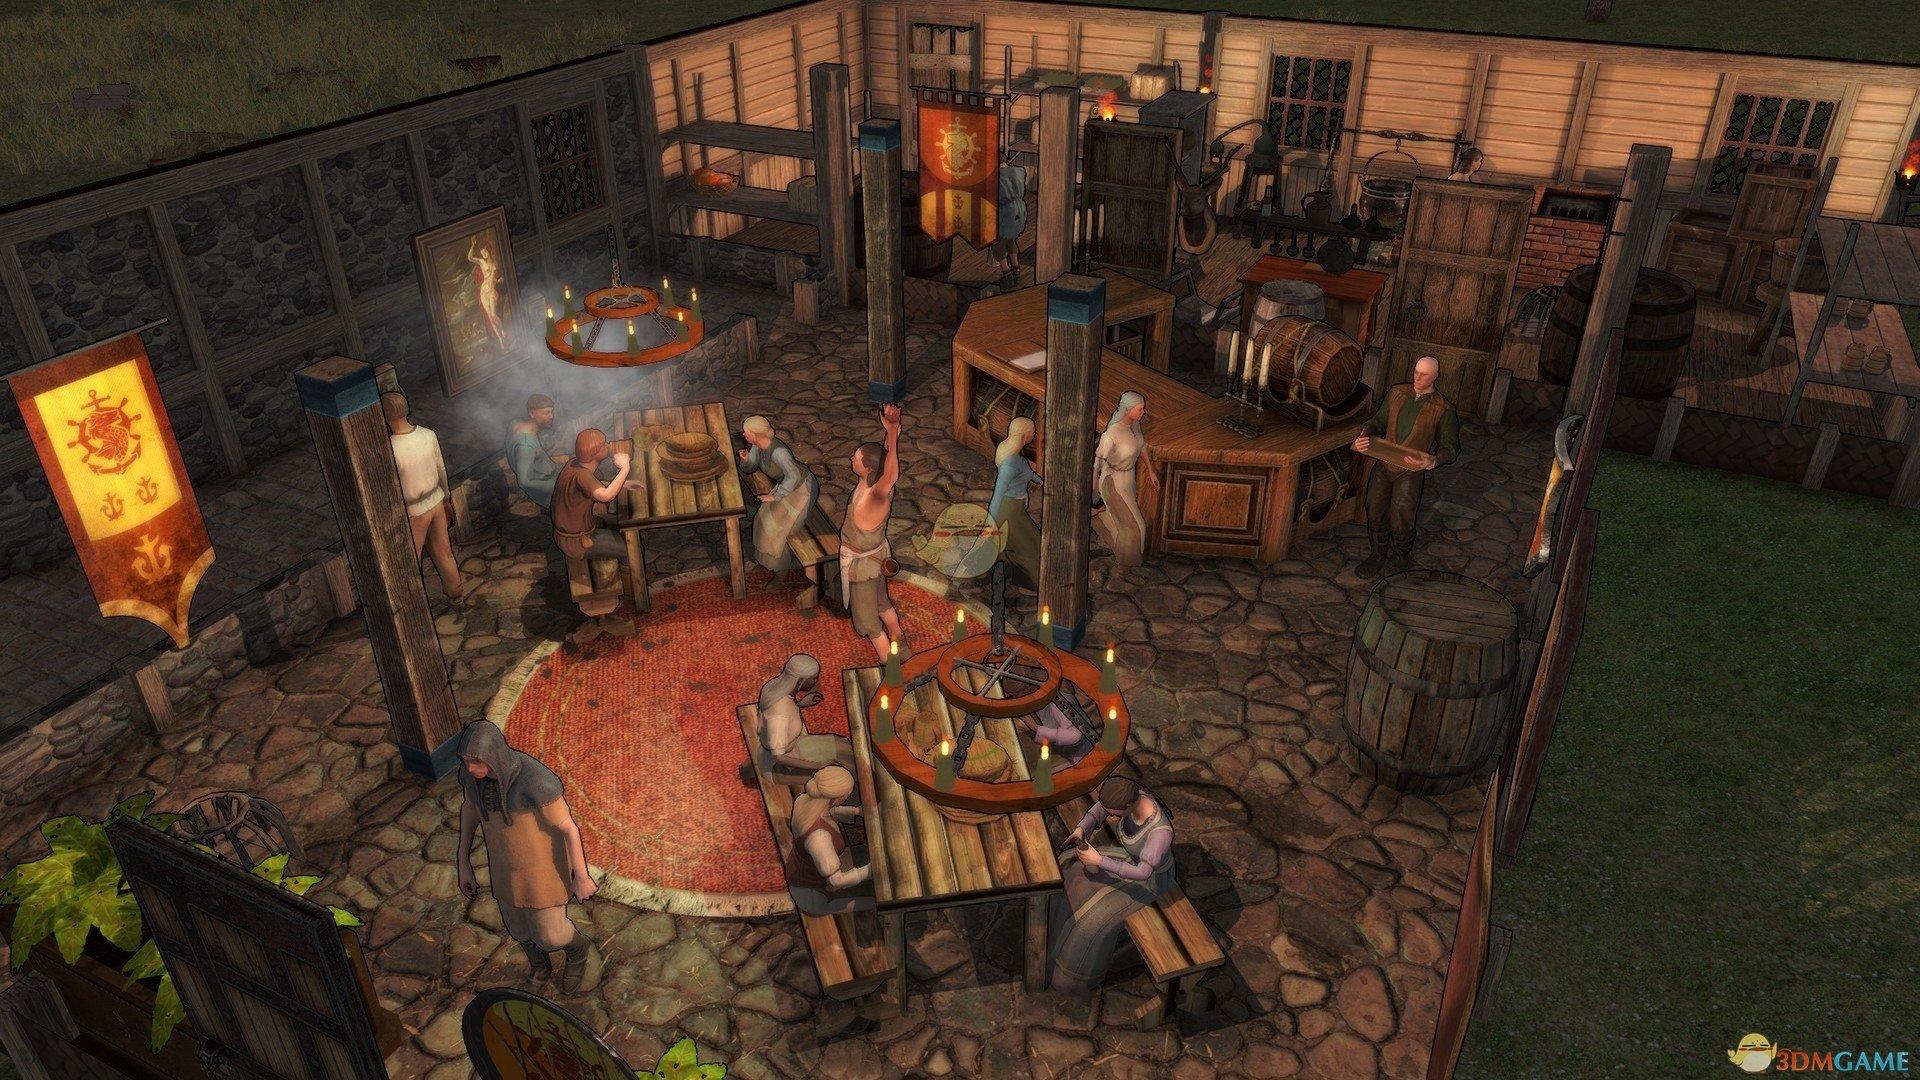 《十字路酒店》多少钱 游戏售价一览